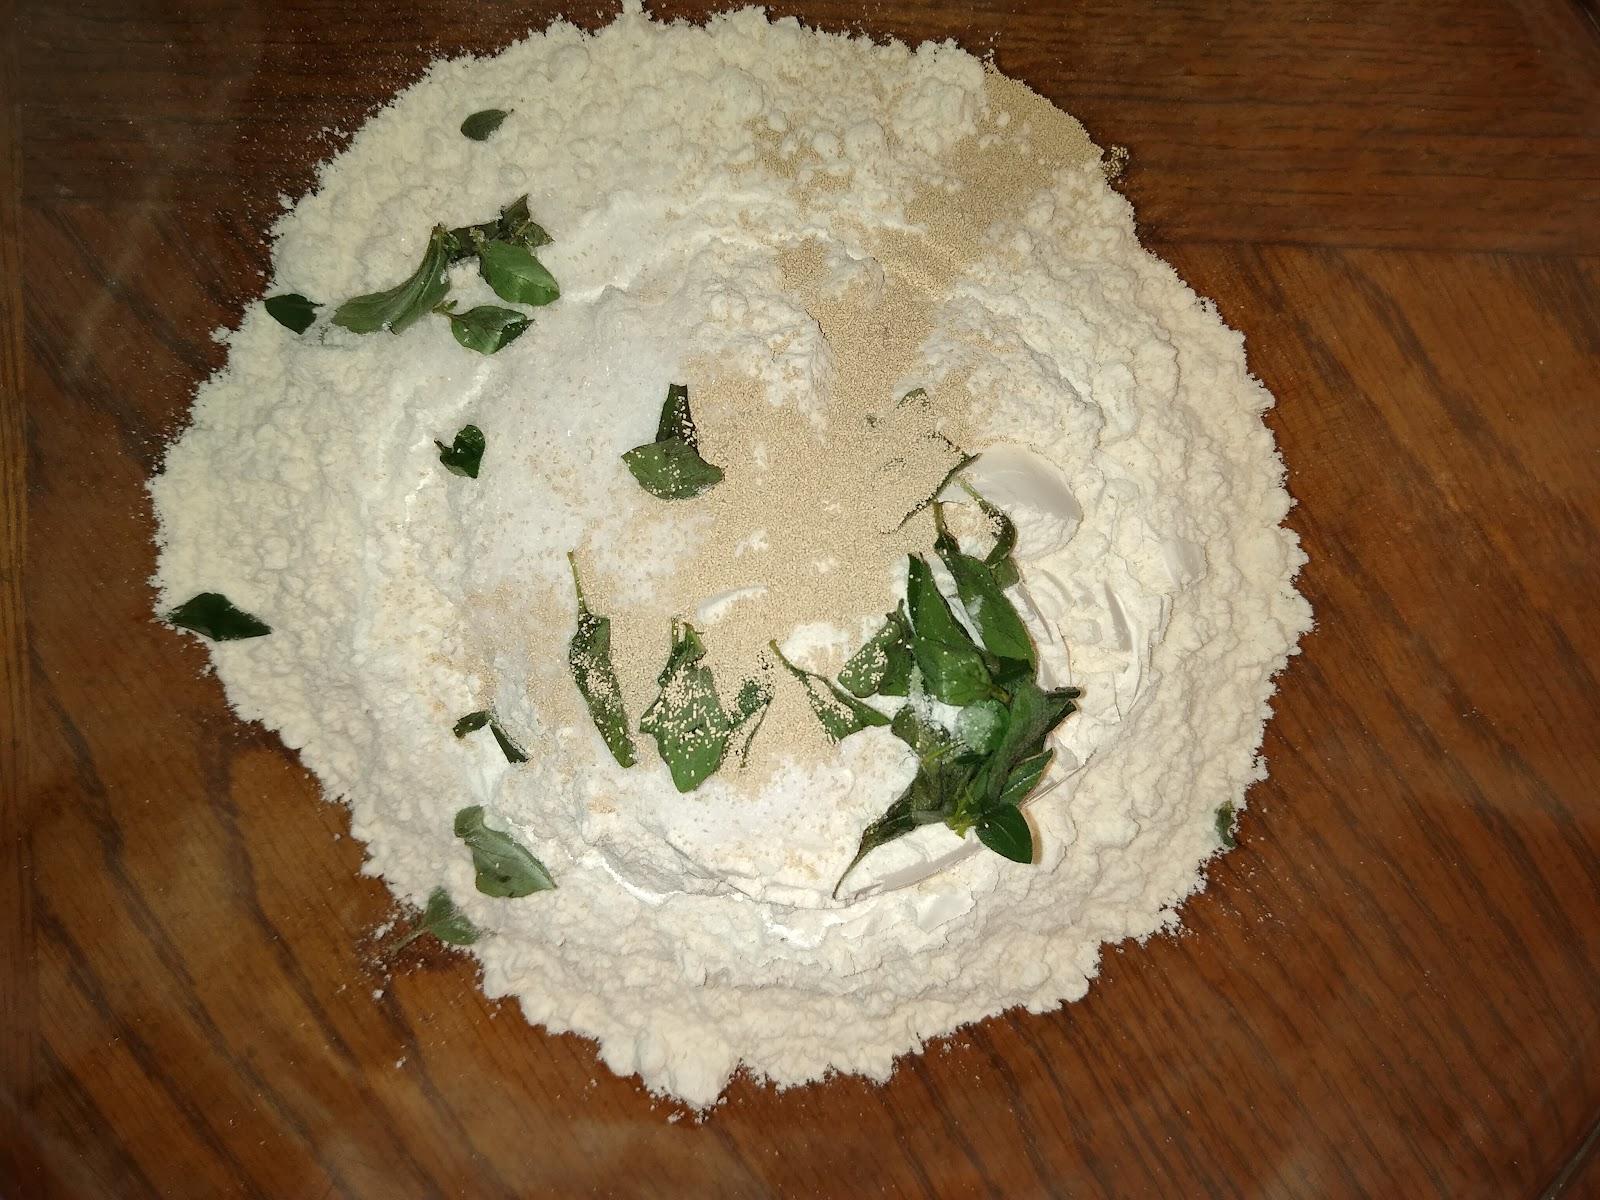 oregano pizzza dough recipe picture